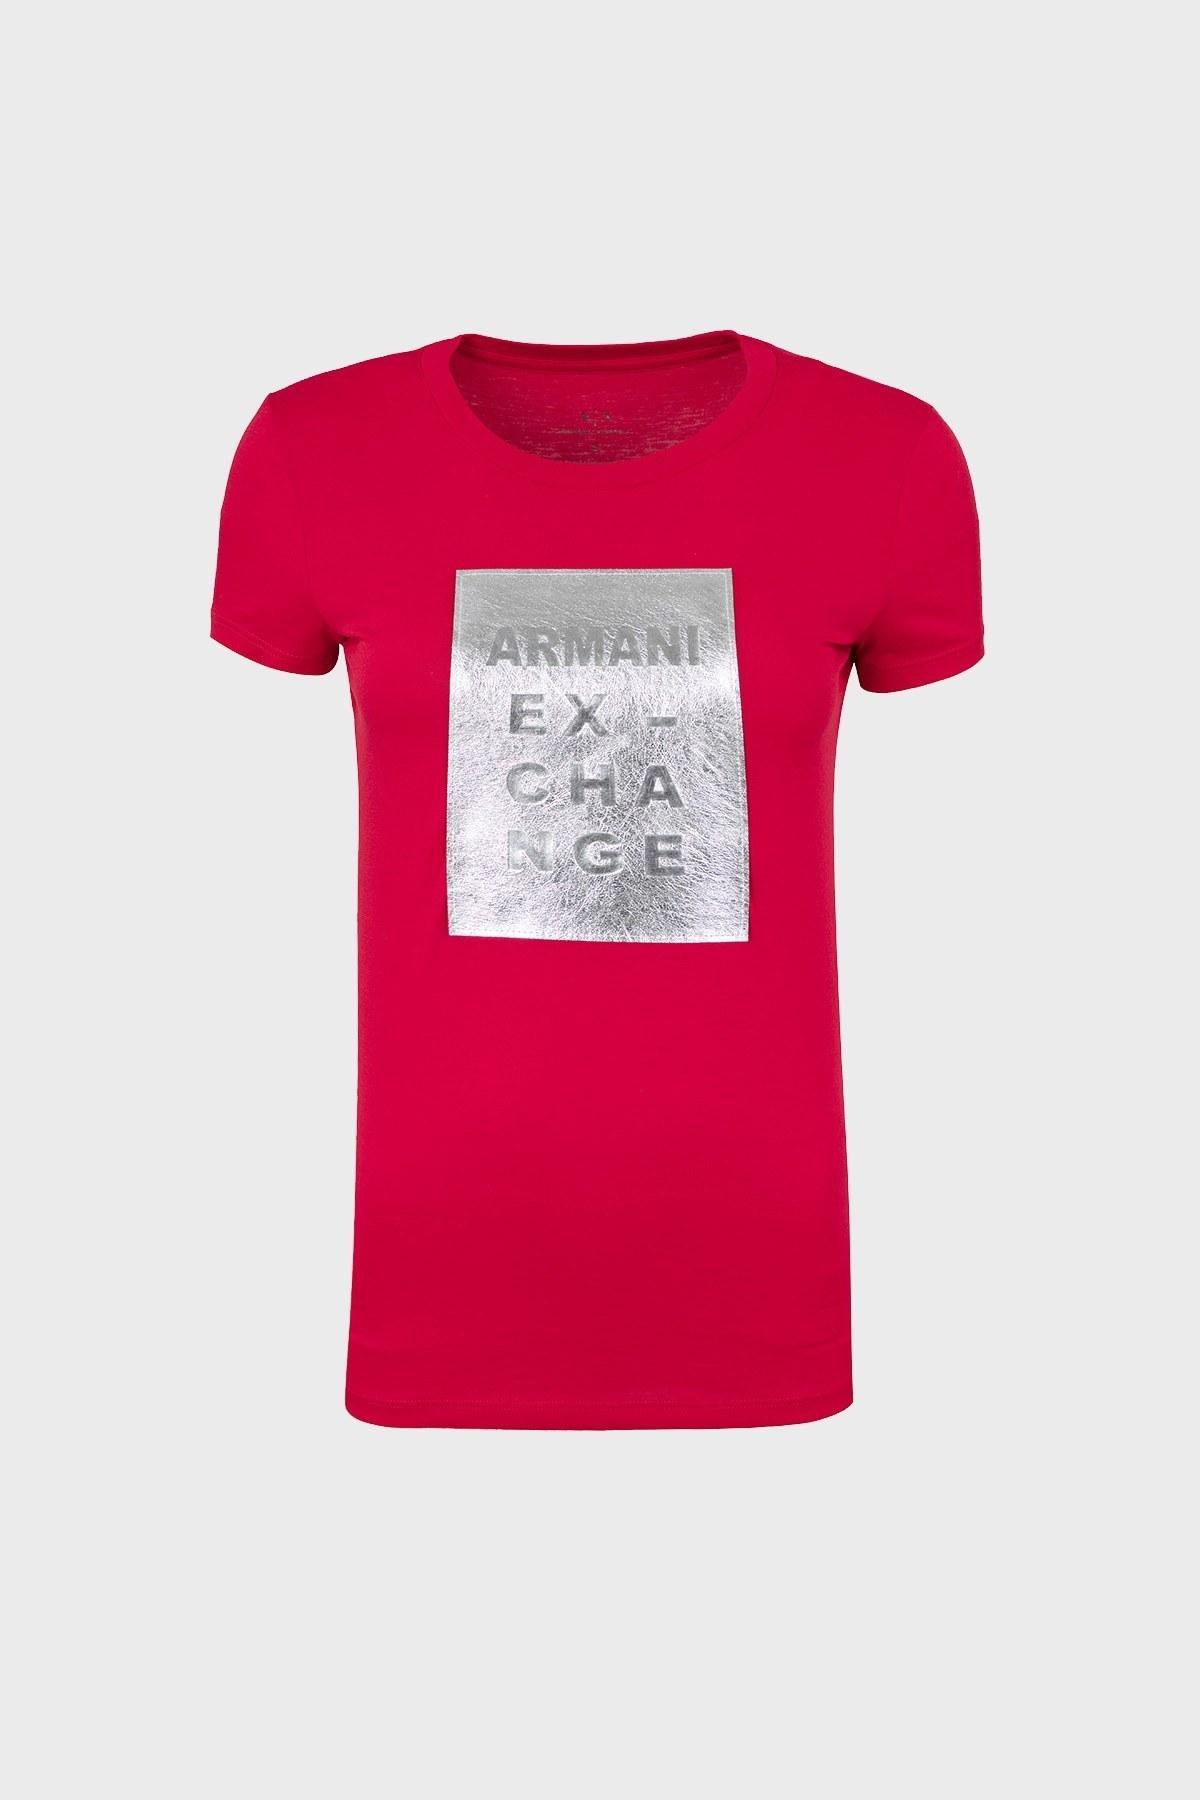 ARMANI EXCHANGE T SHIRT Bayan T Shirt 6ZYTBF YJC9Z 1445 KIRMIZI